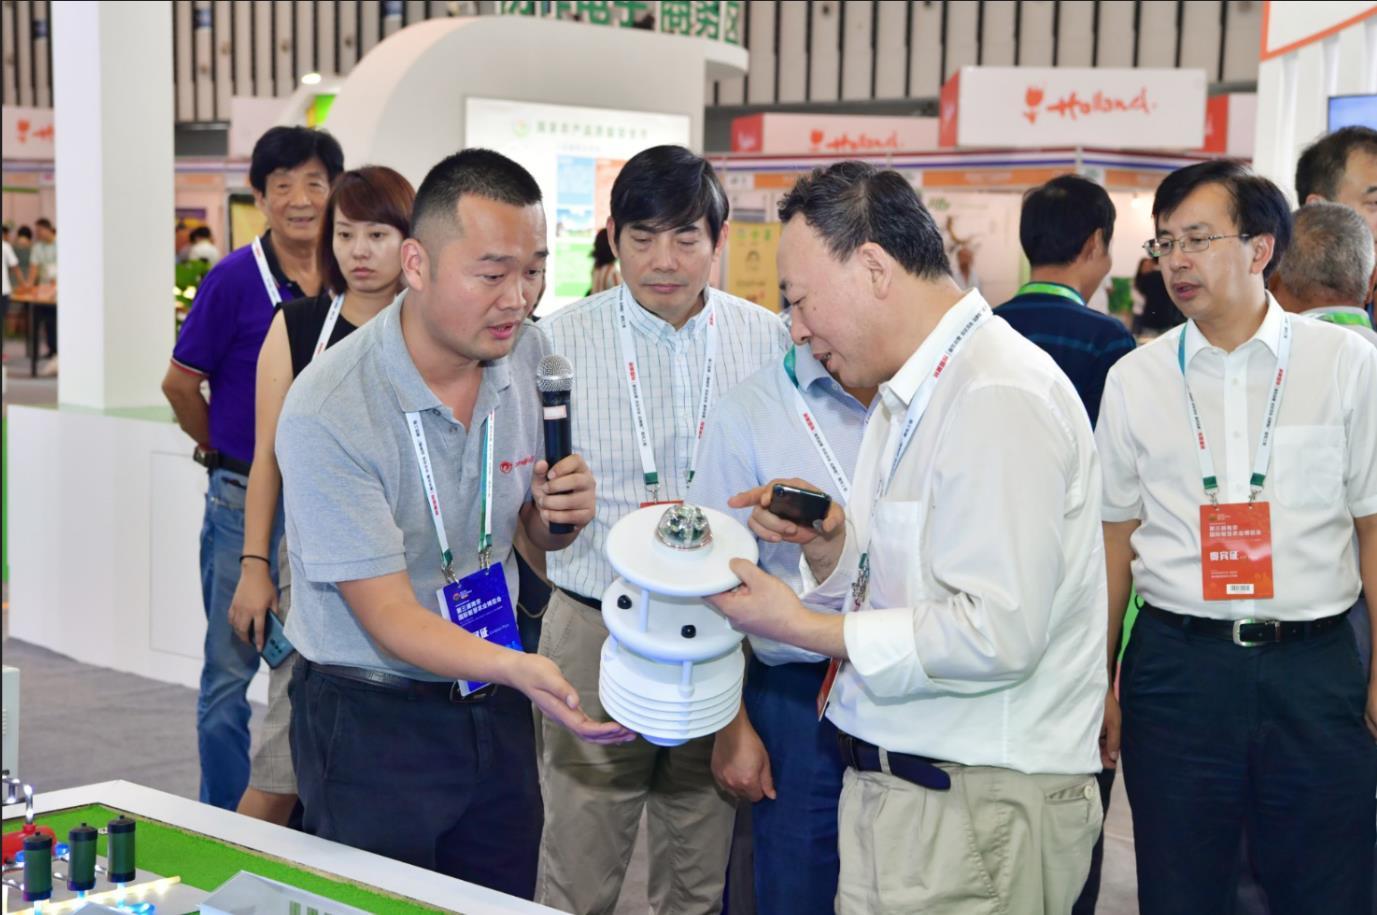 国家农业信息化工程技术研究中心主任—赵春江院士关注科沃产品并沟通